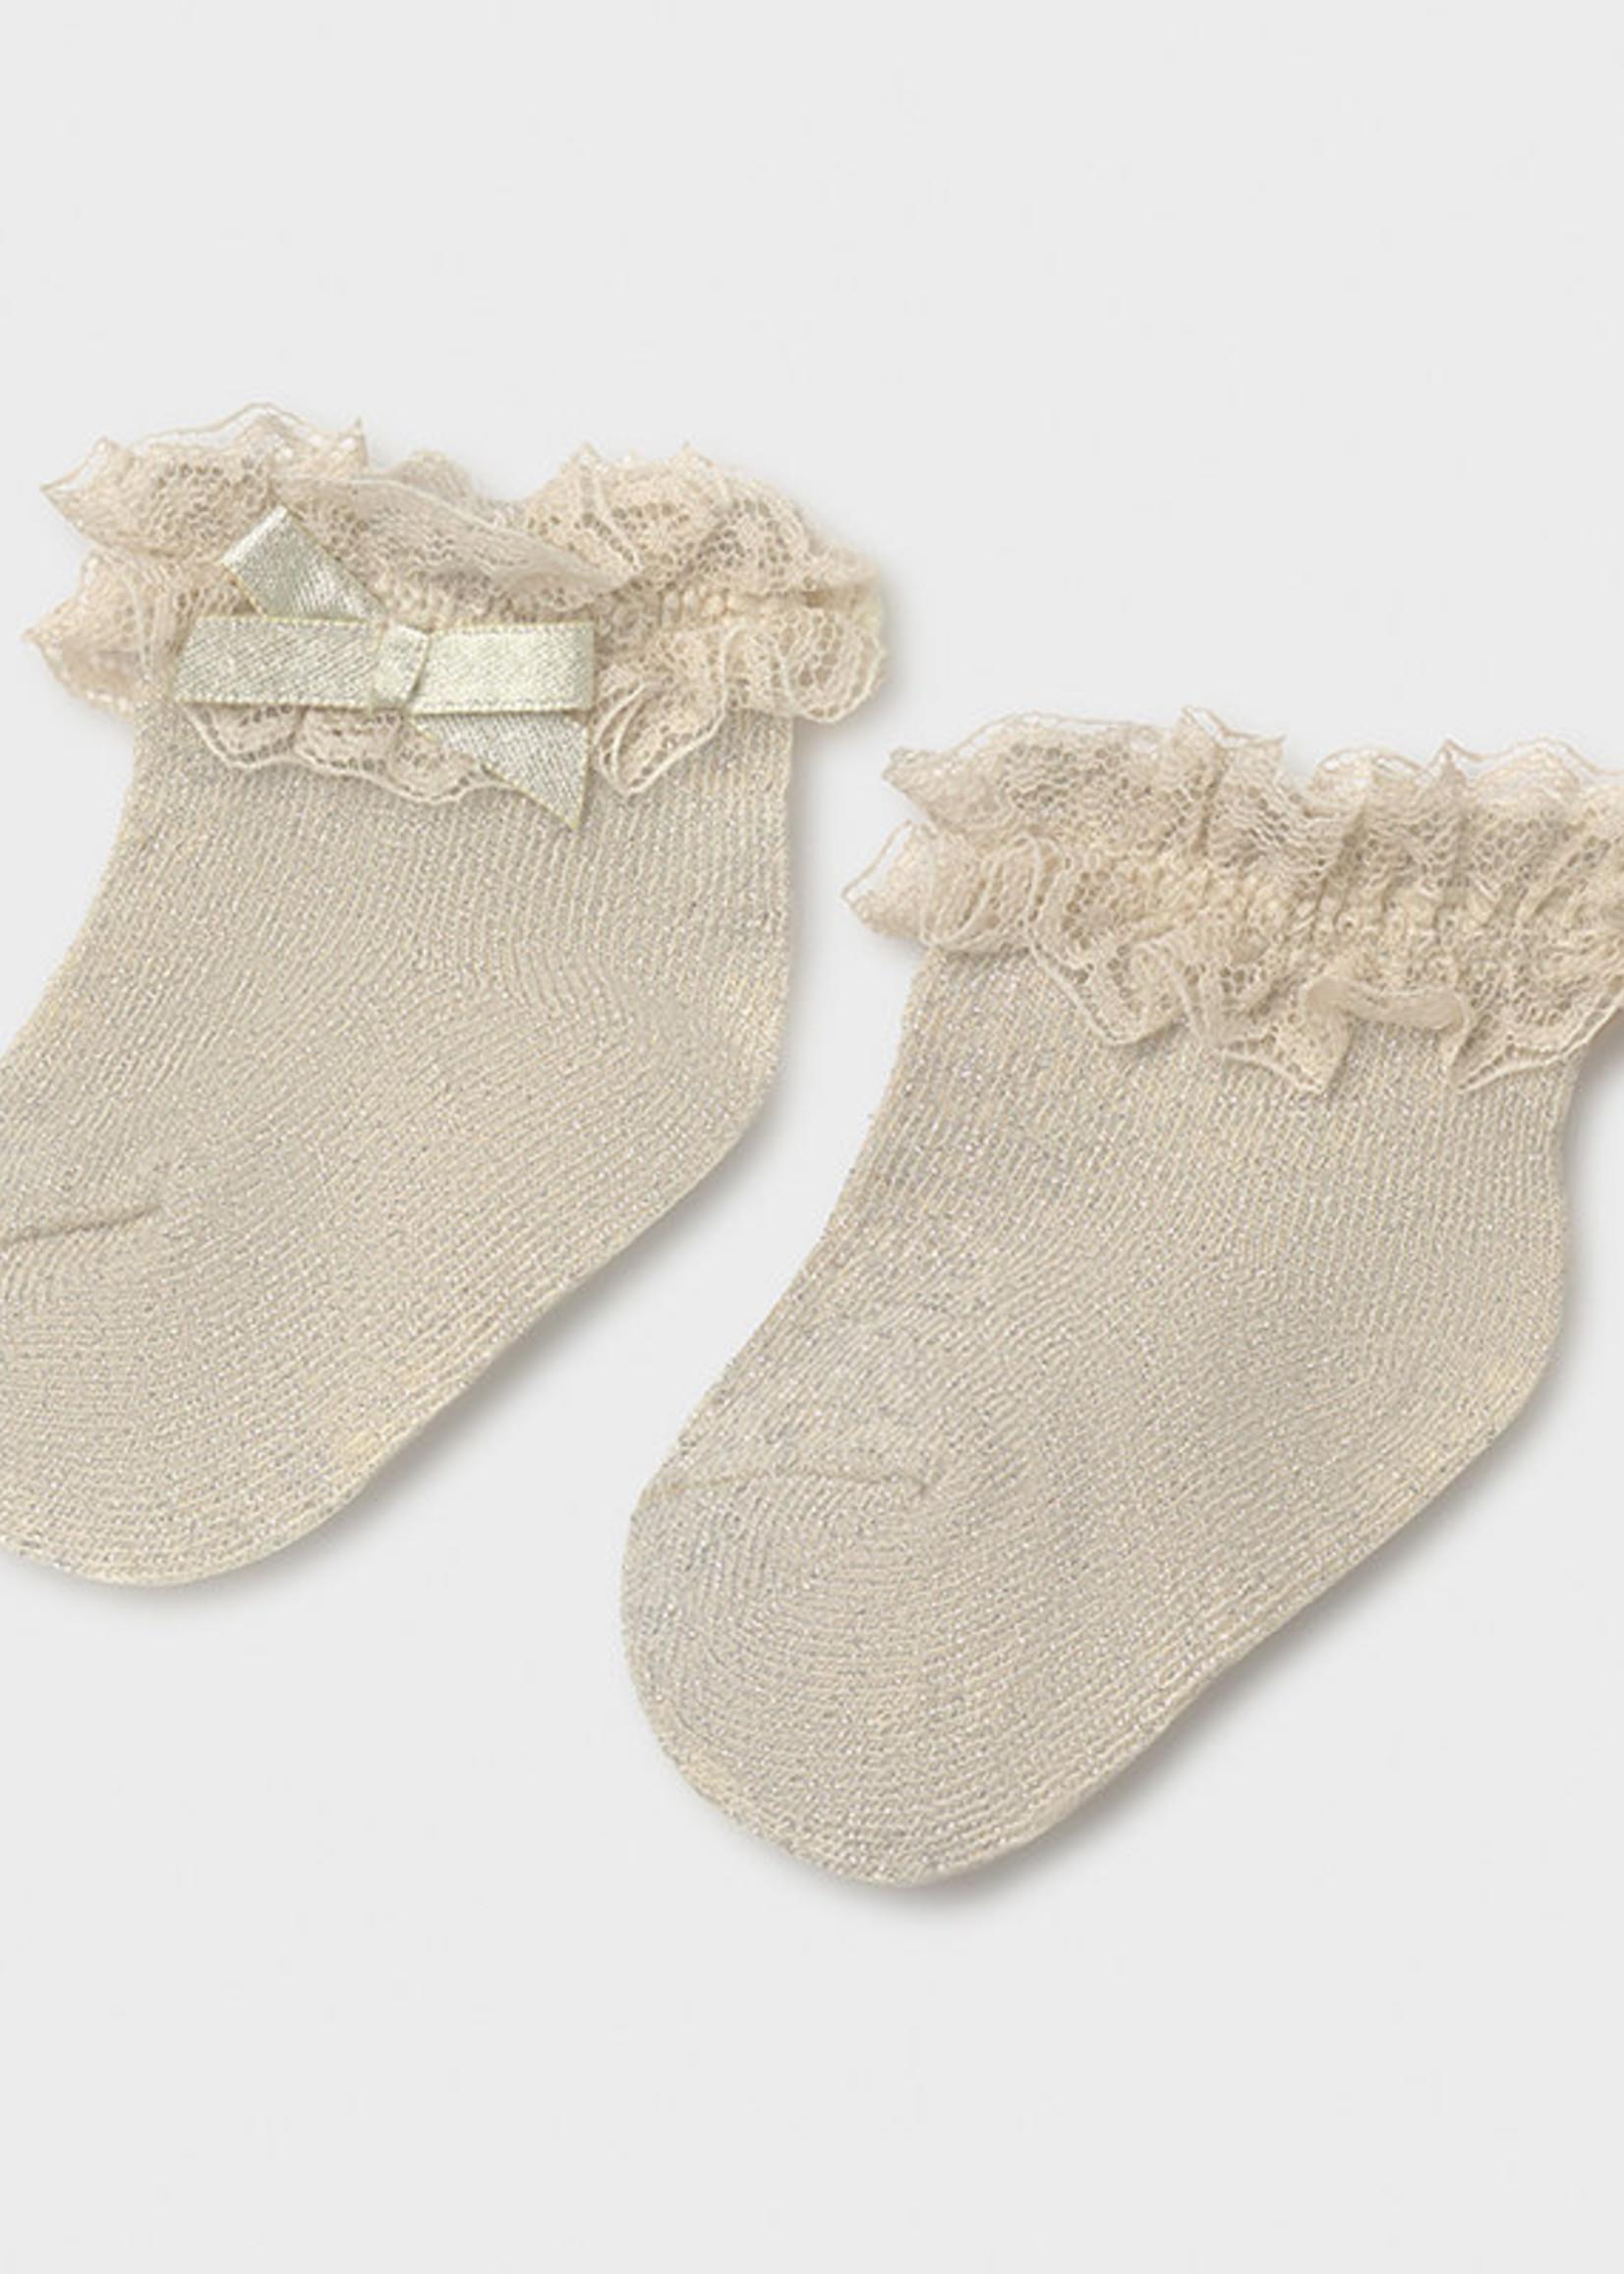 Mayoral Mayoral dressy socks beige lure